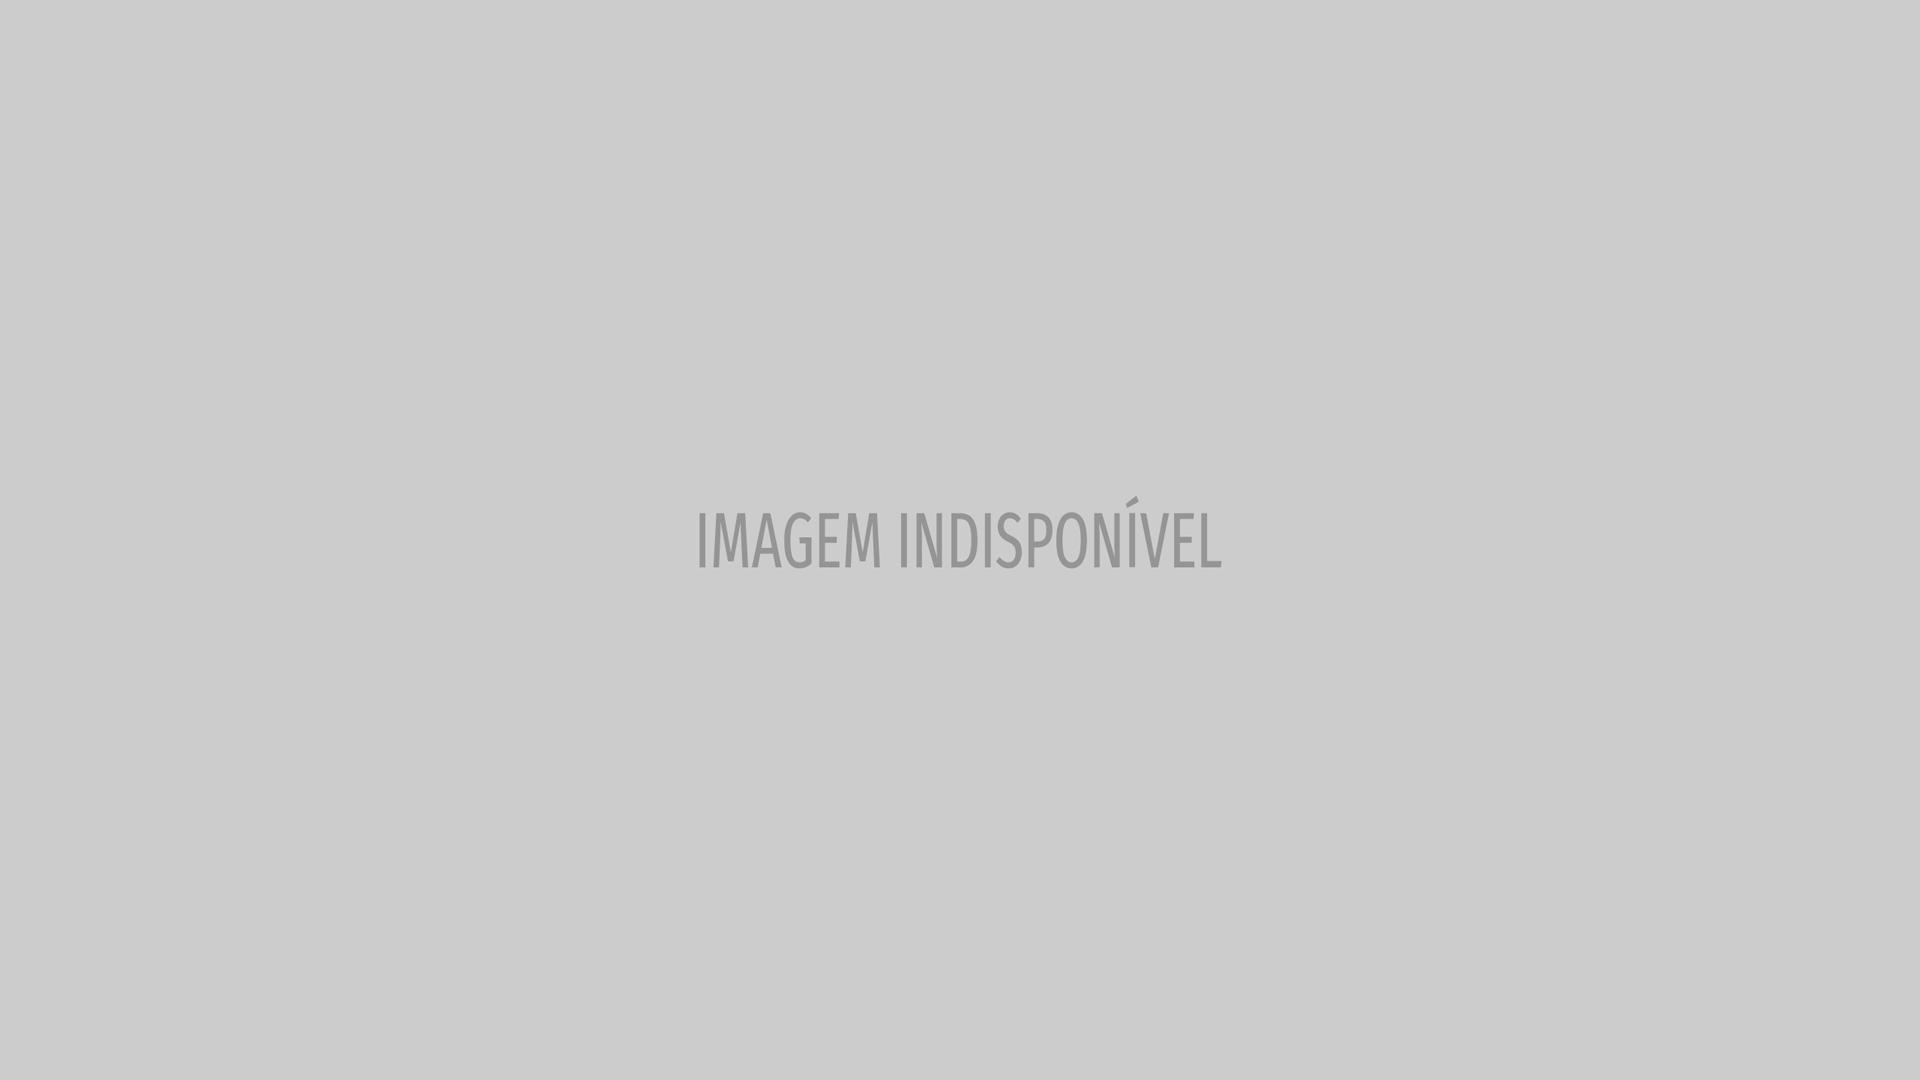 Hóspedes de hotel fazem queixas de filhos de Britney Spears